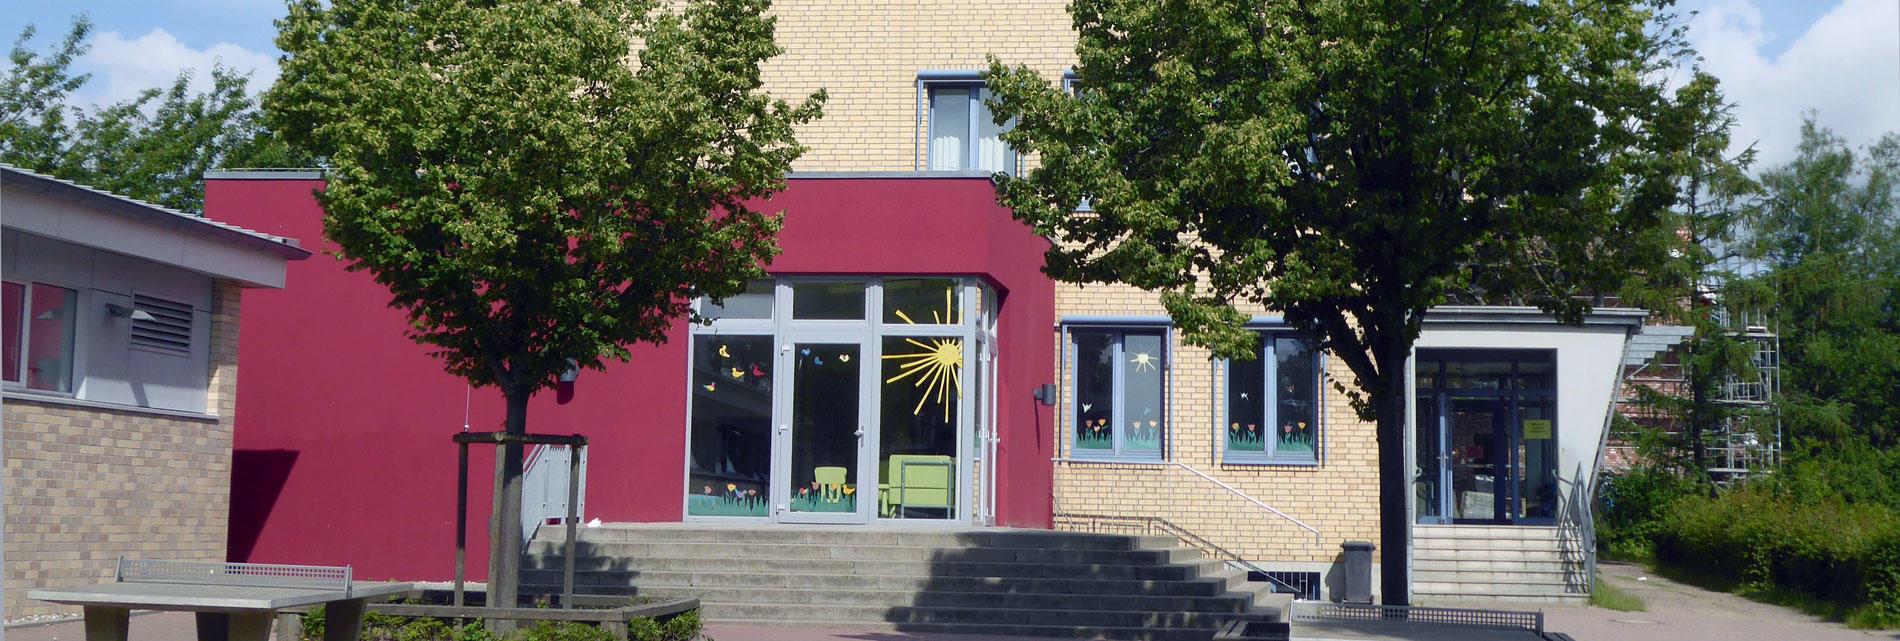 Ostsee-Grundschule Scharbeutz